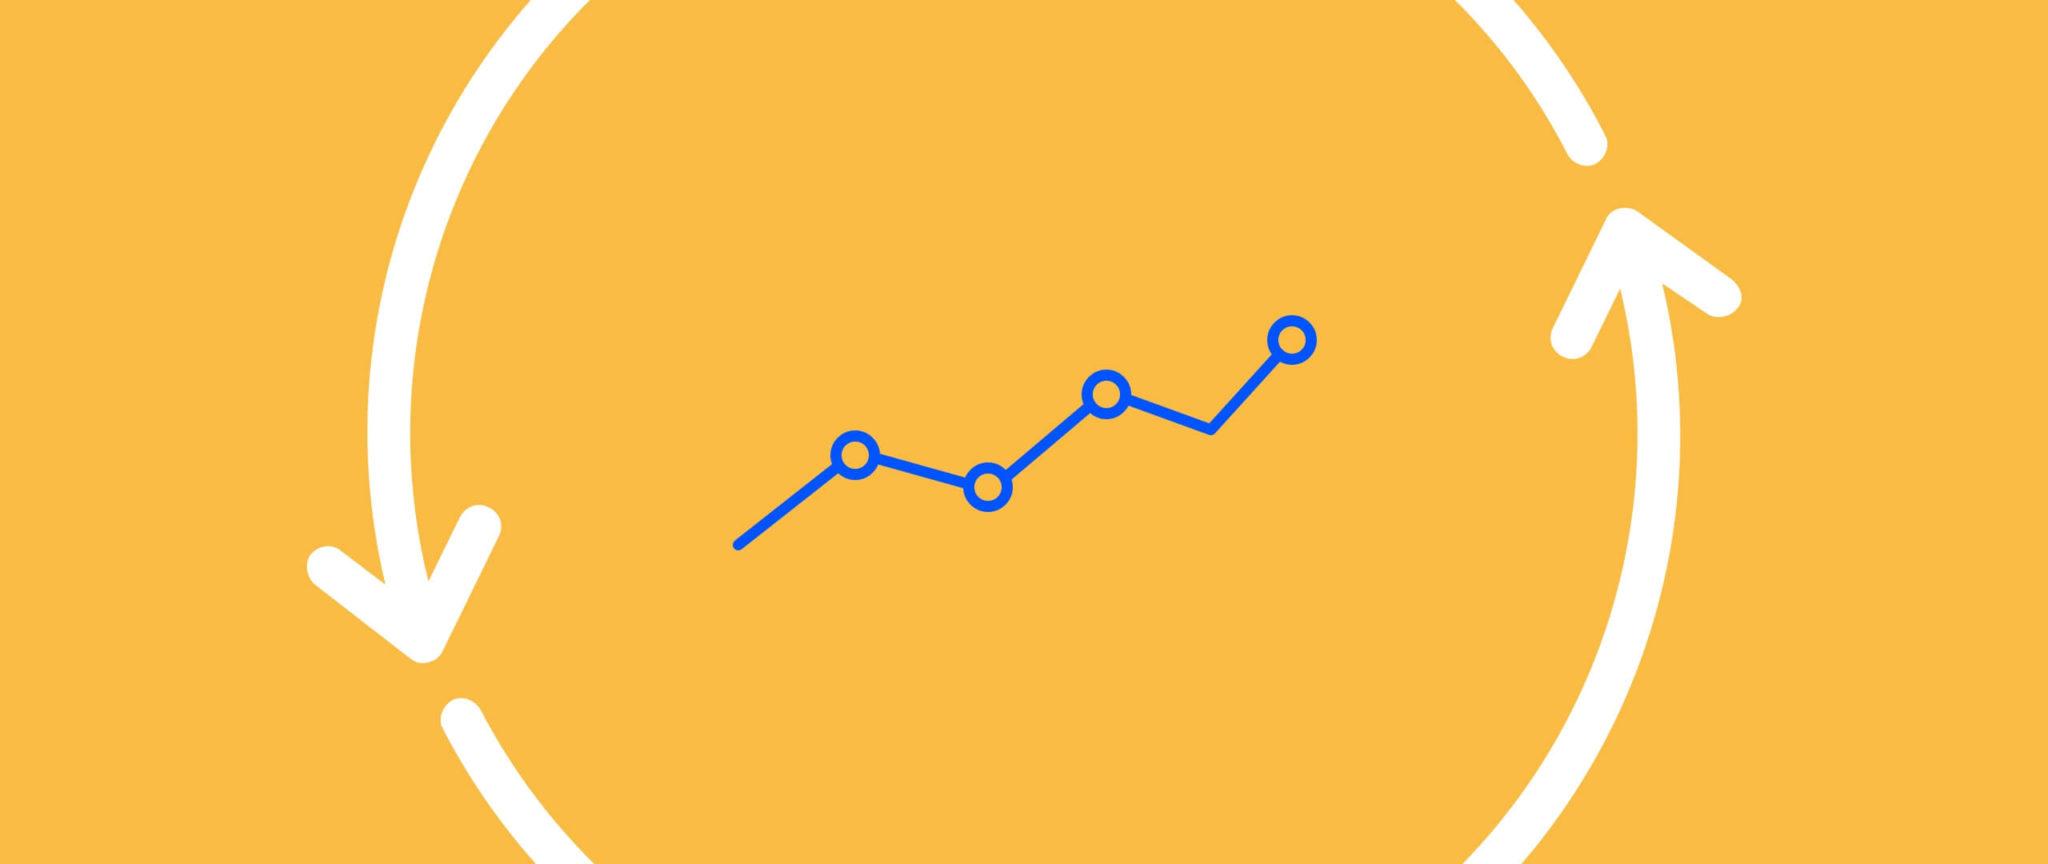 Melhoria contínua na prestação de serviços: como fazer?